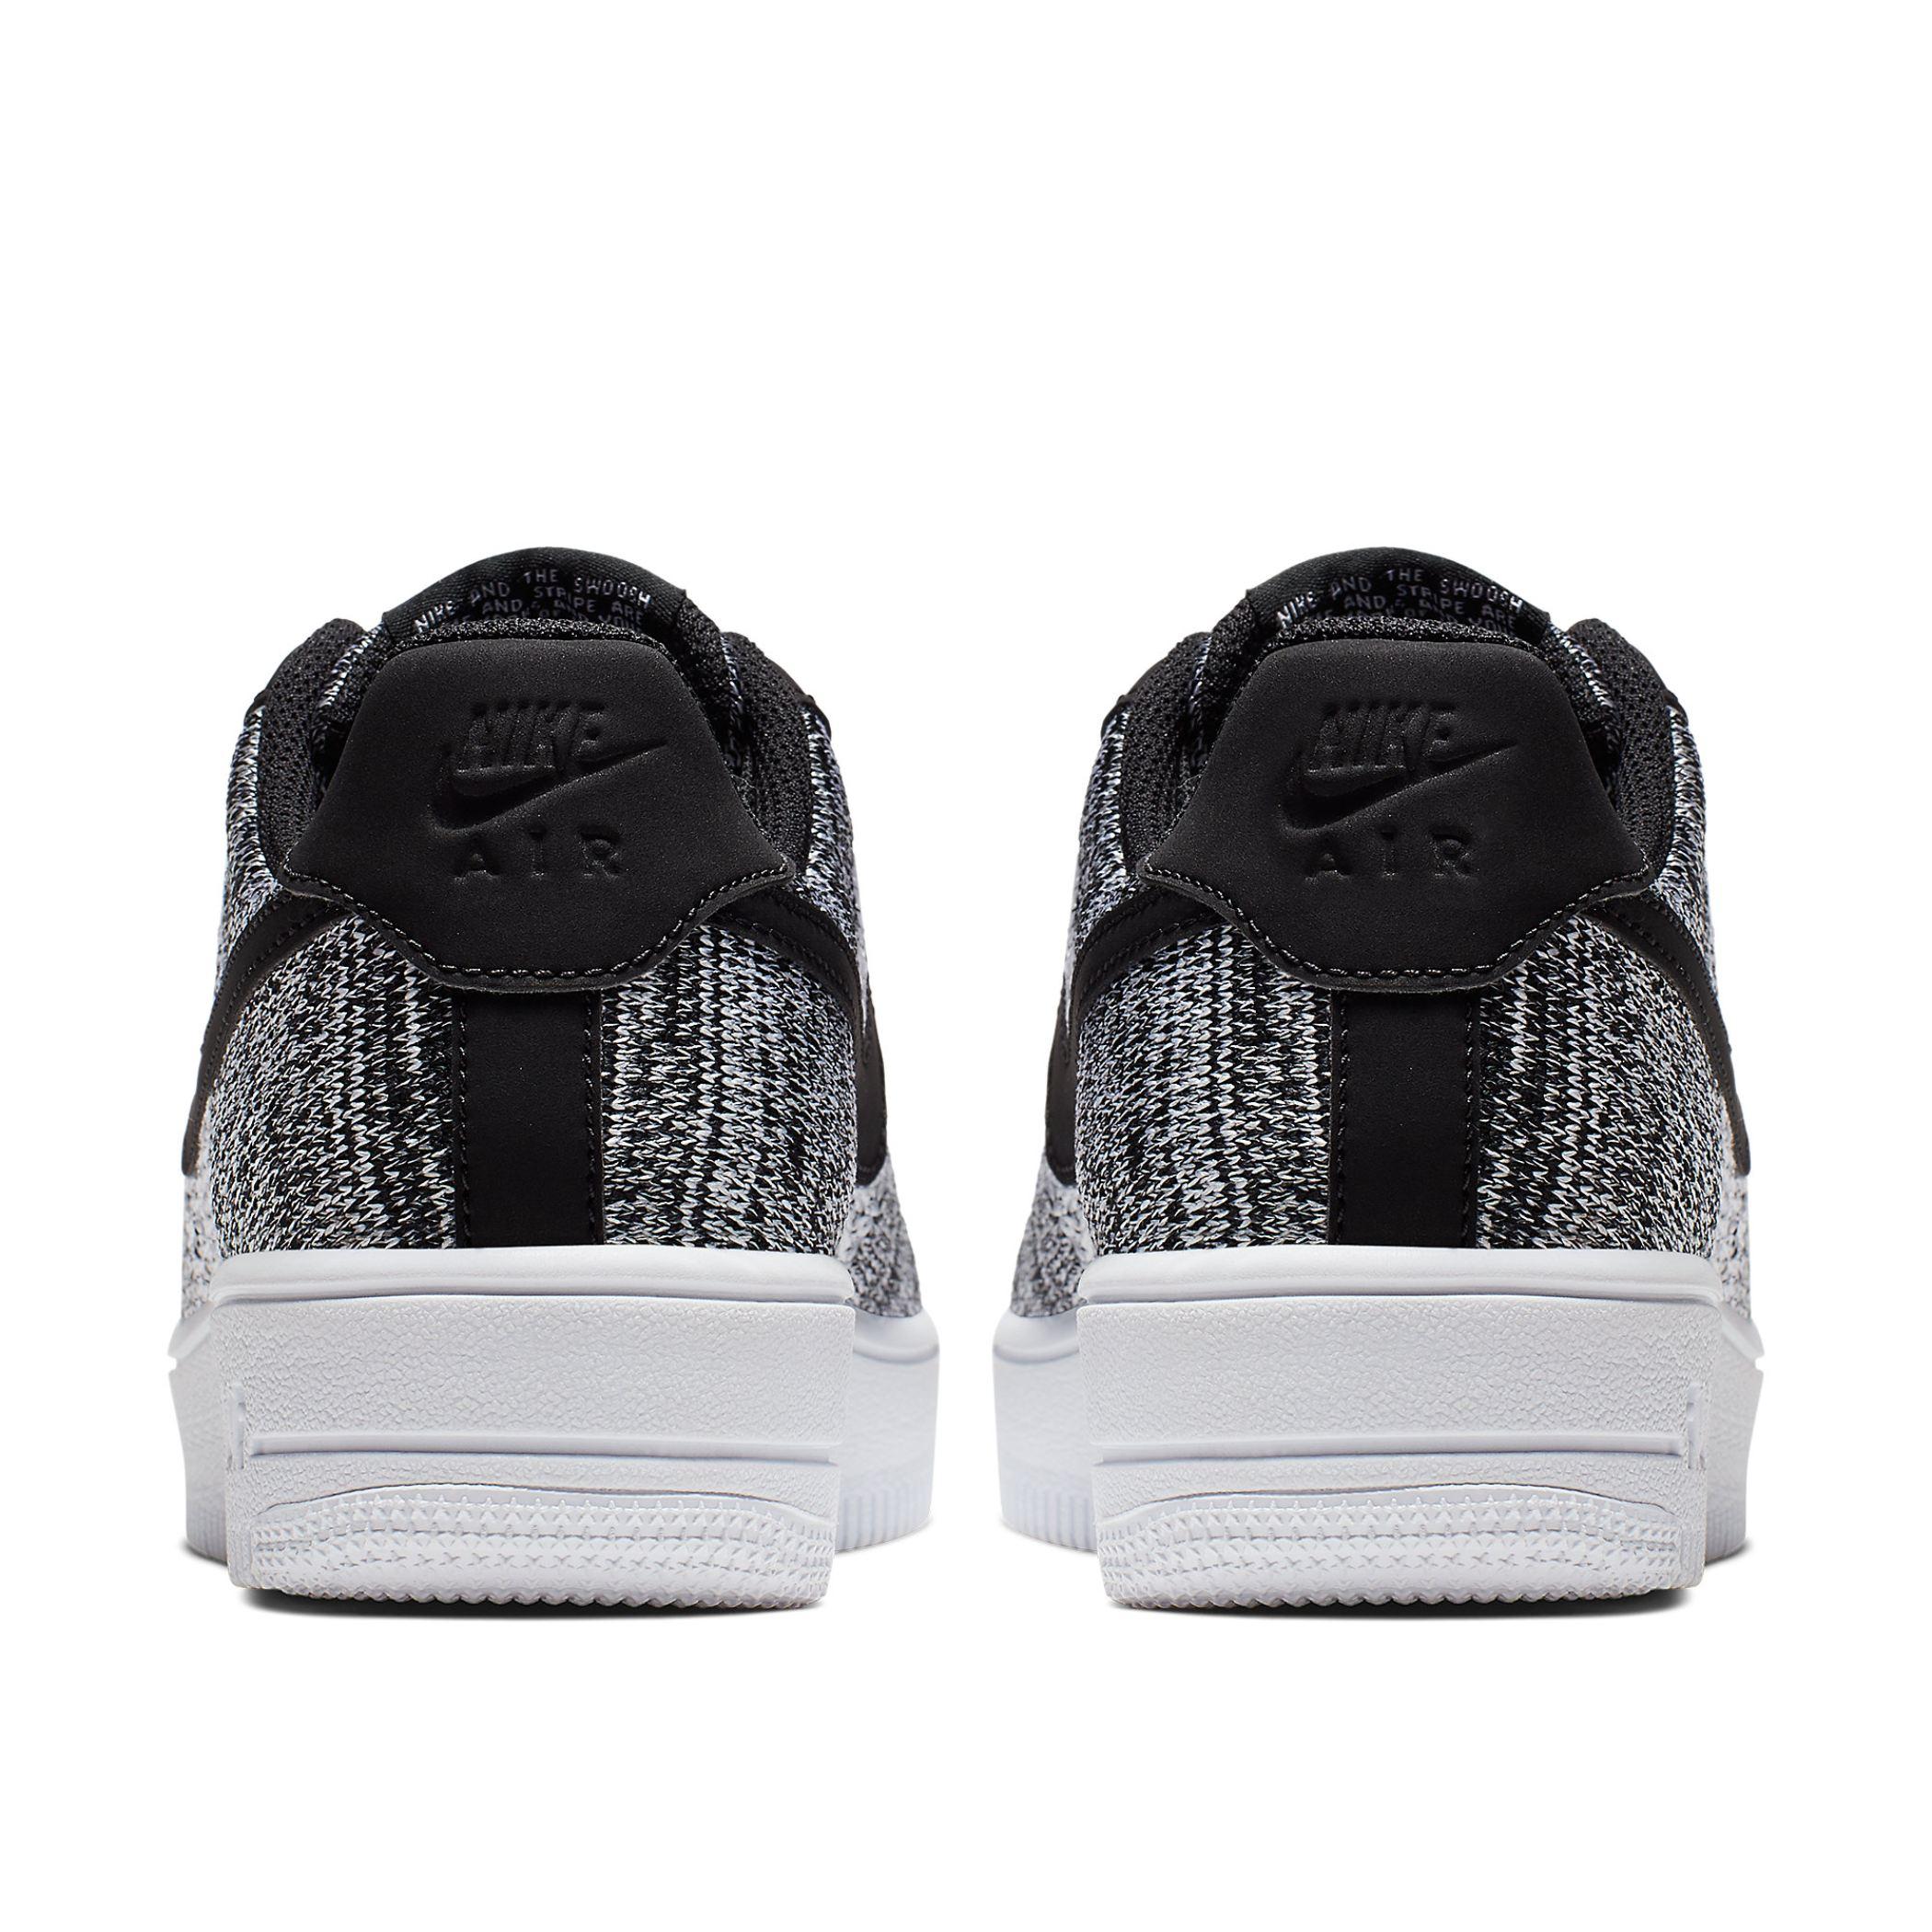 online retailer 27f03 40a76 Подростковые кроссовки Nike Air Force 1 Flyknit 2.0 (GS) Black Pure Platinum -